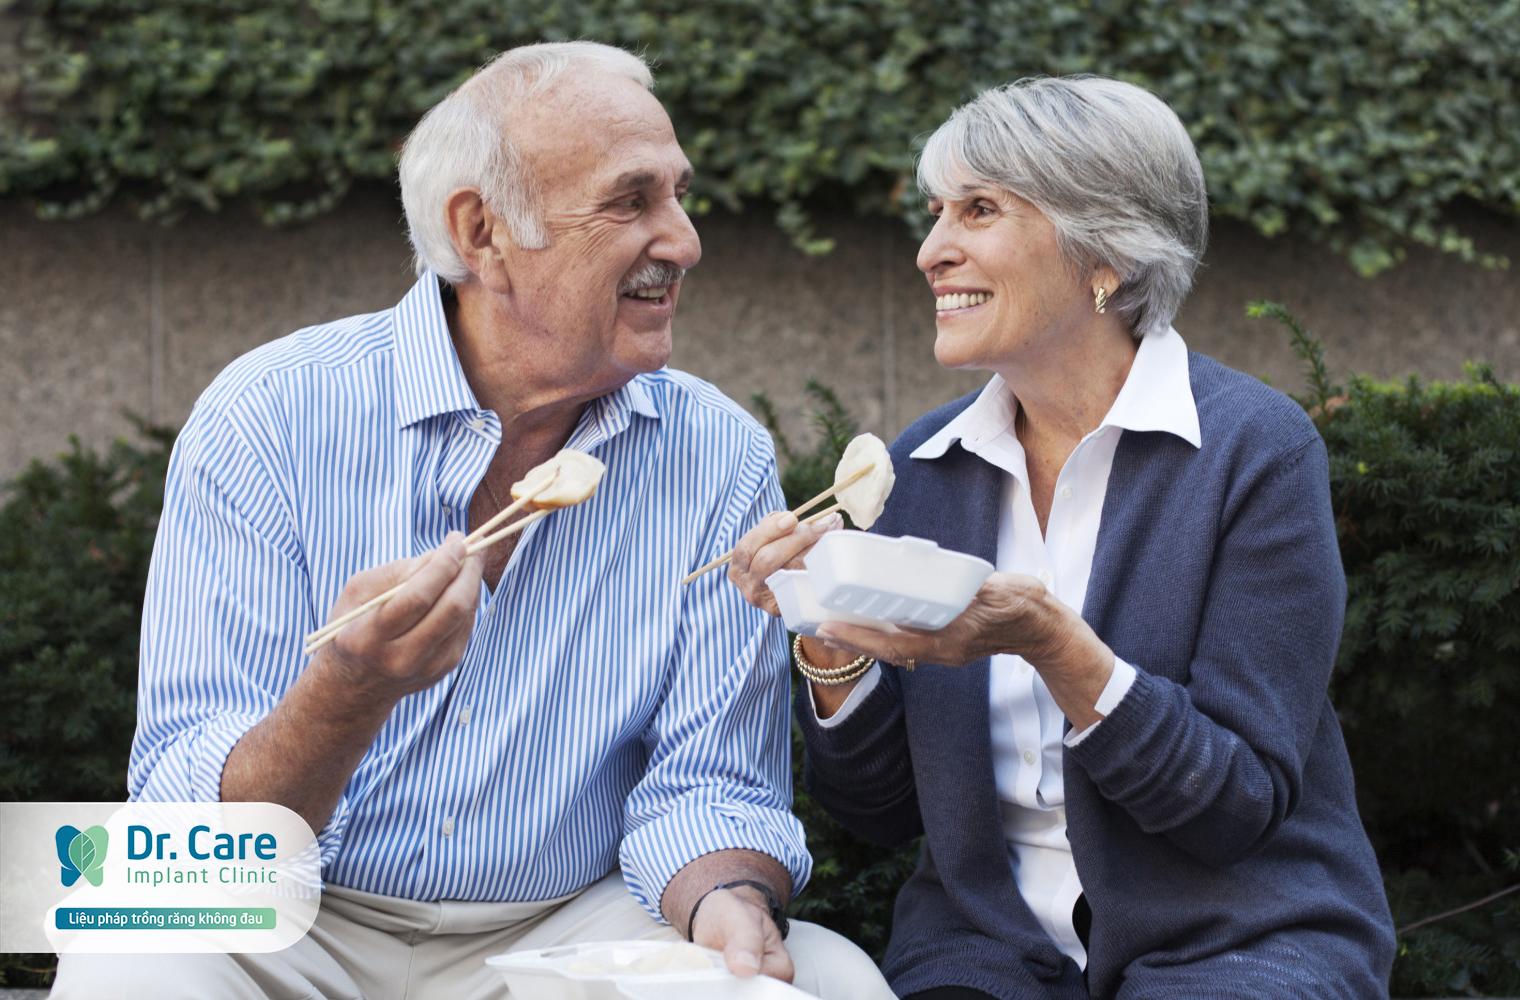 Làm răng giả ở đâu tốt TP. HCM cho người trung niên? | Dr. Care